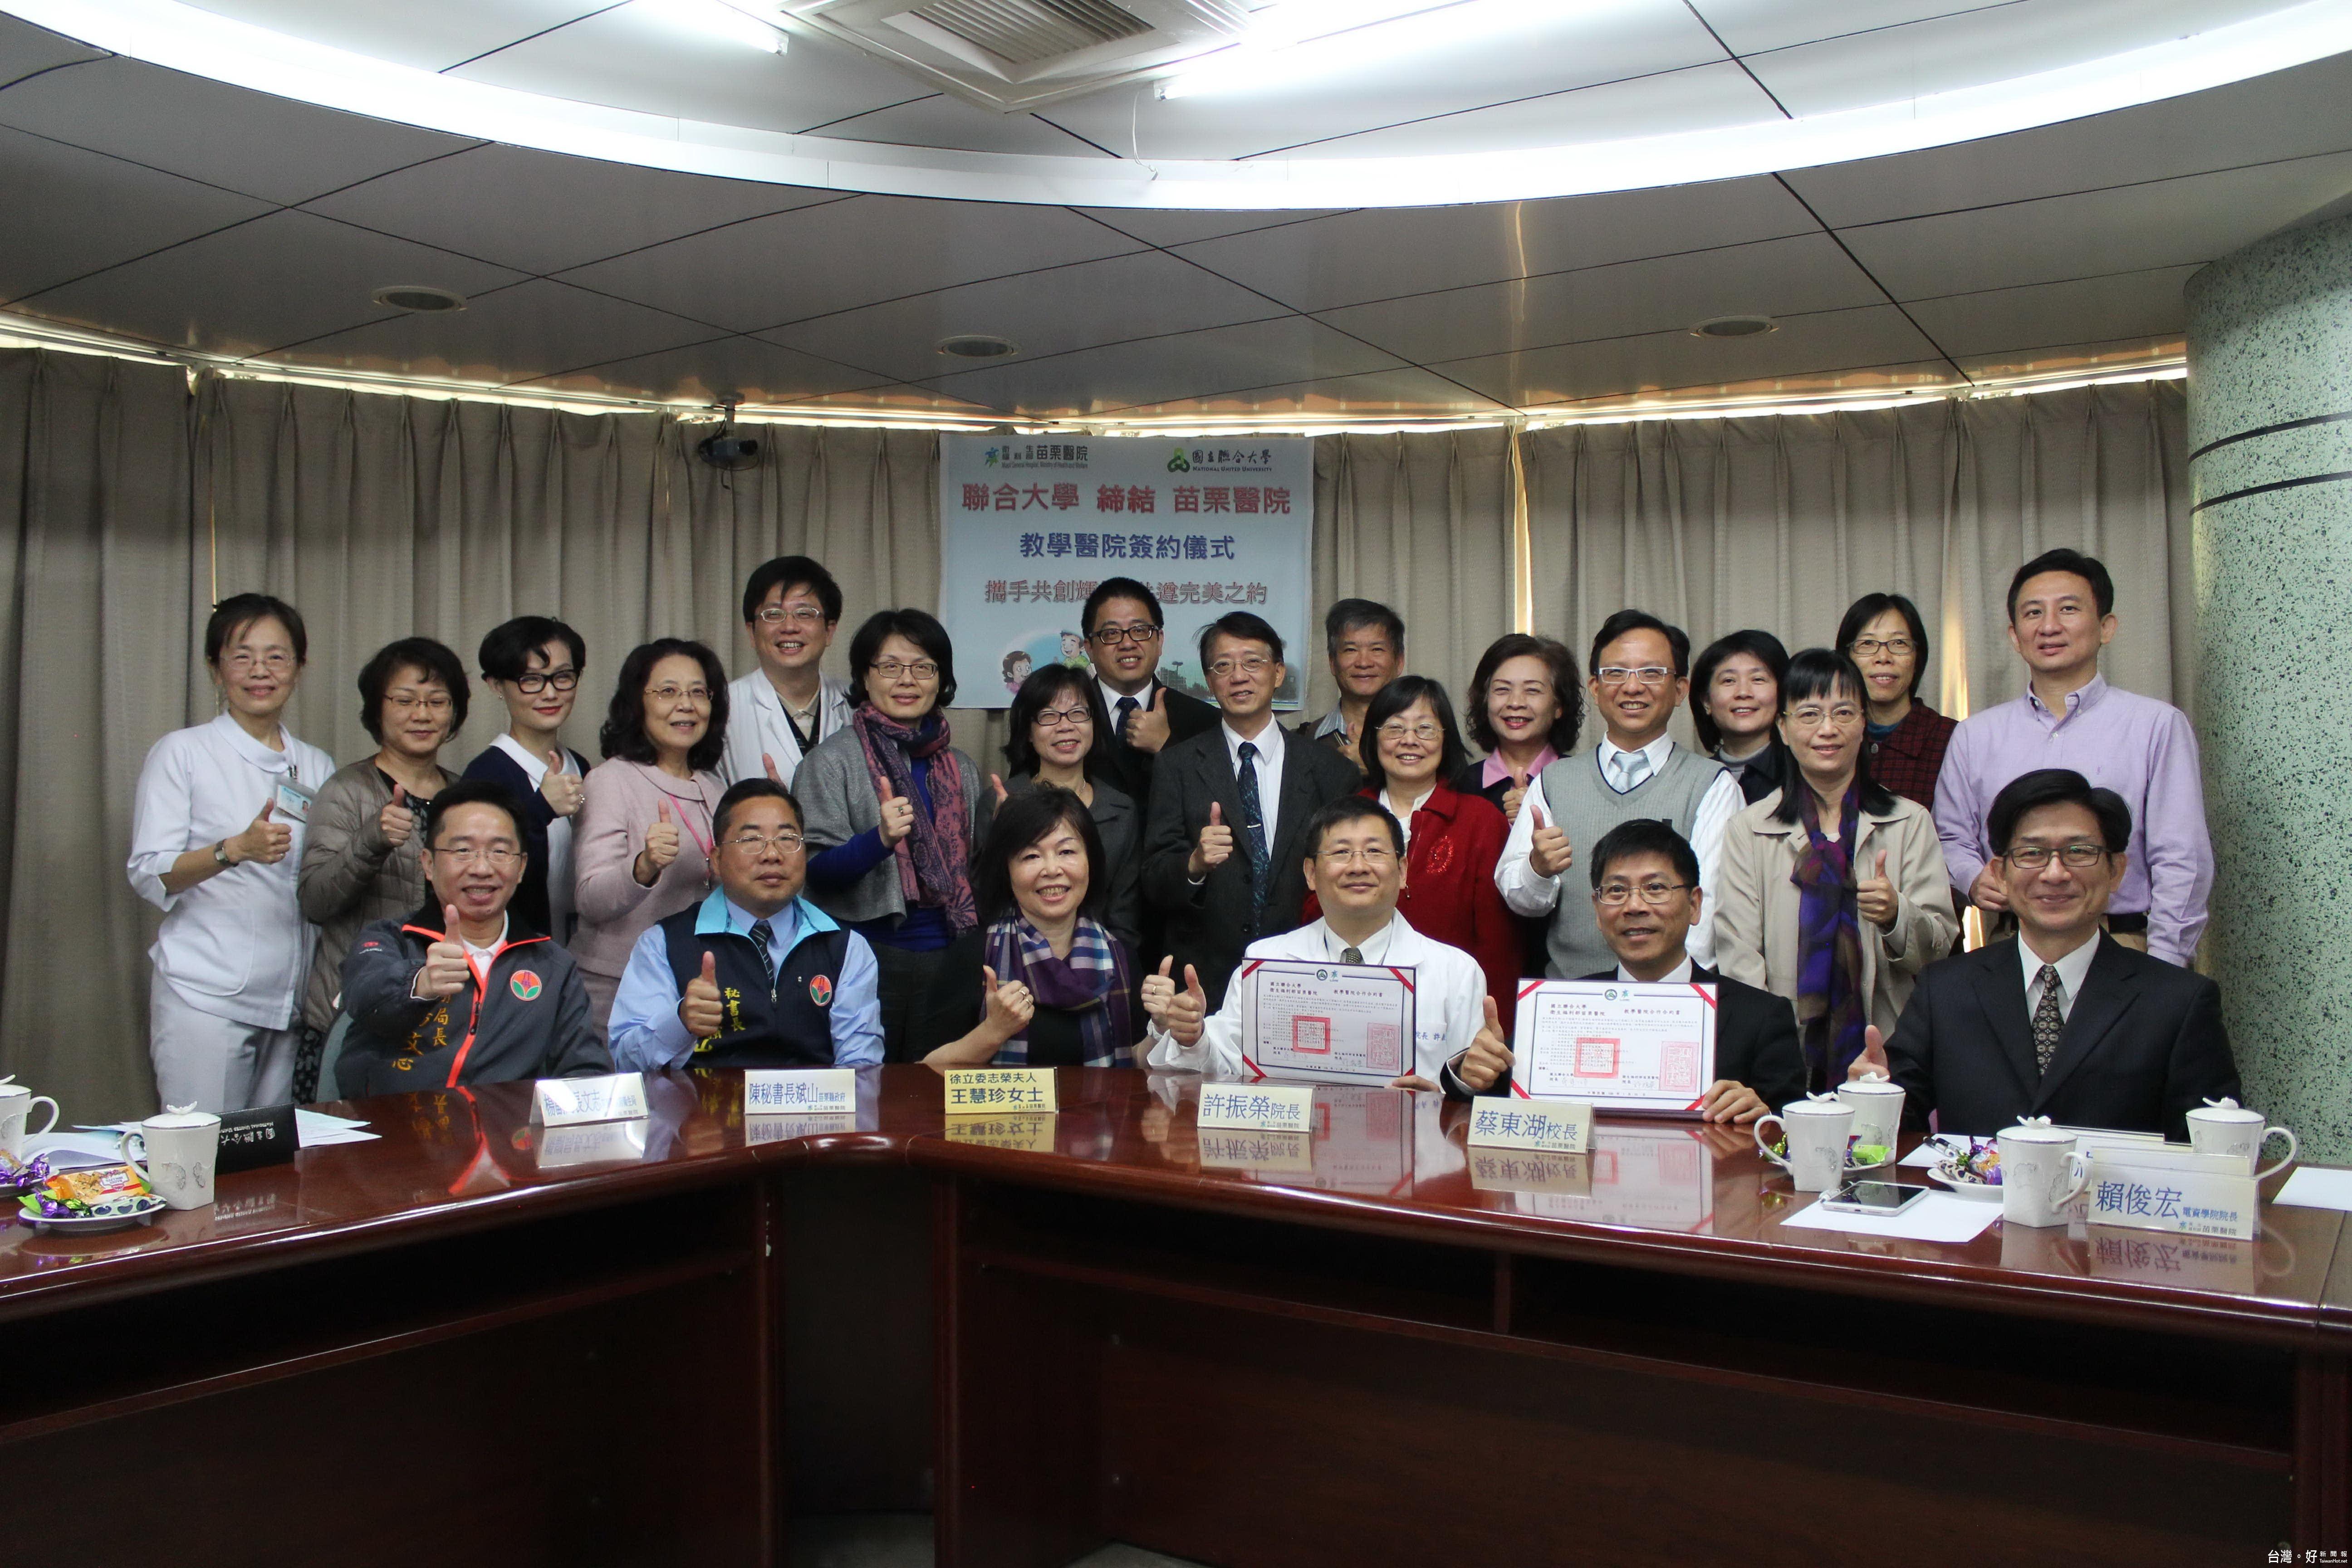 苗栗醫院與聯大簽約 啟動異業結盟跨領域合作